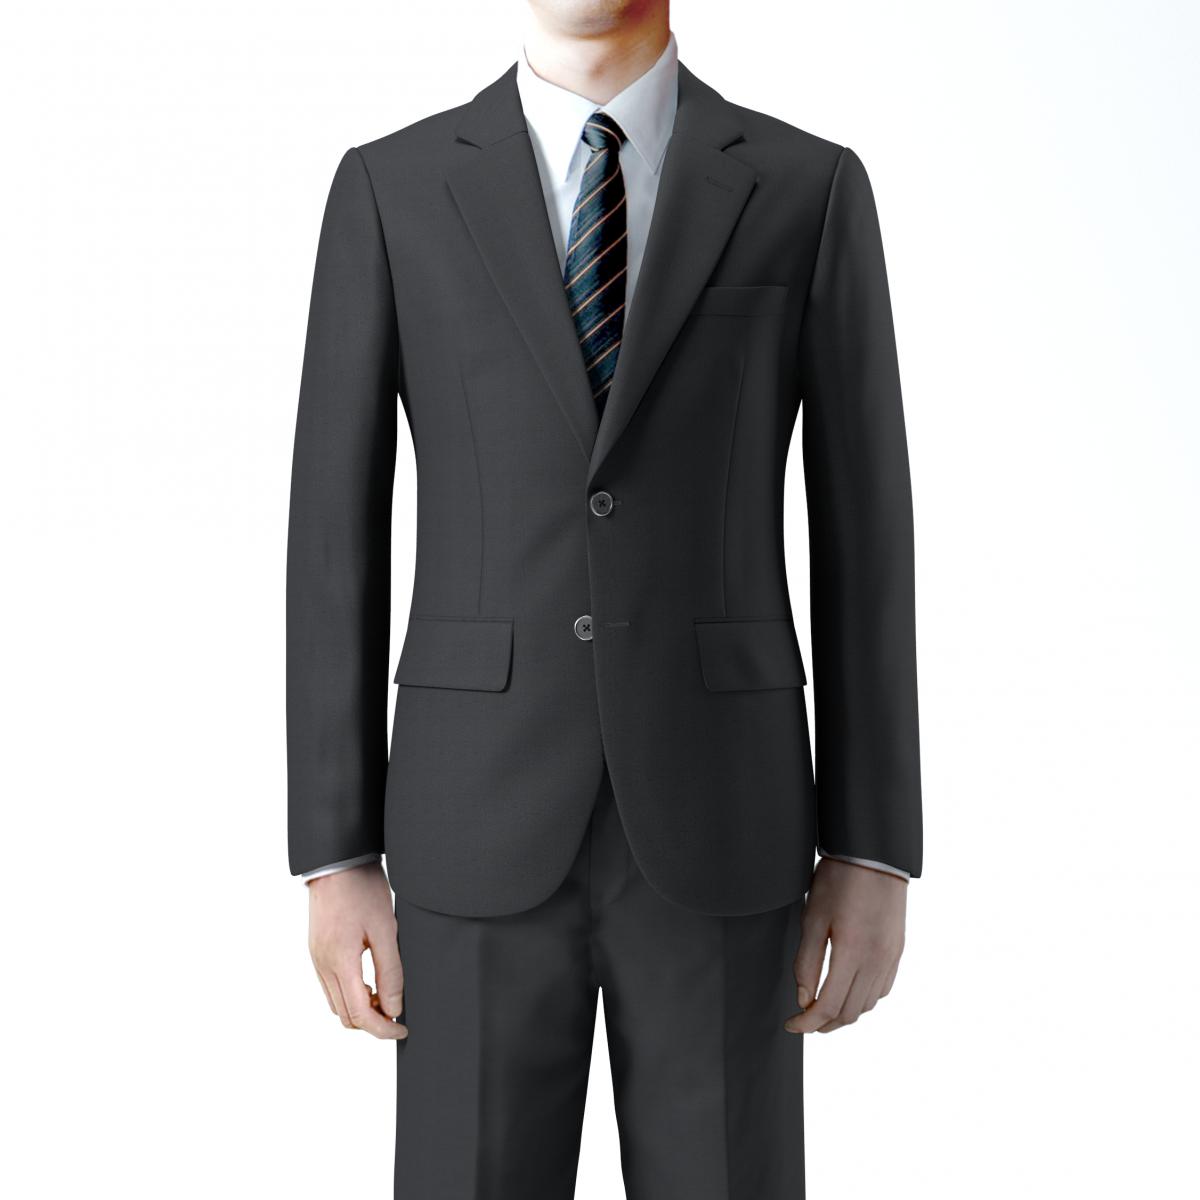 [オーダースーツ]ビジネスにも礼服にもおススメ